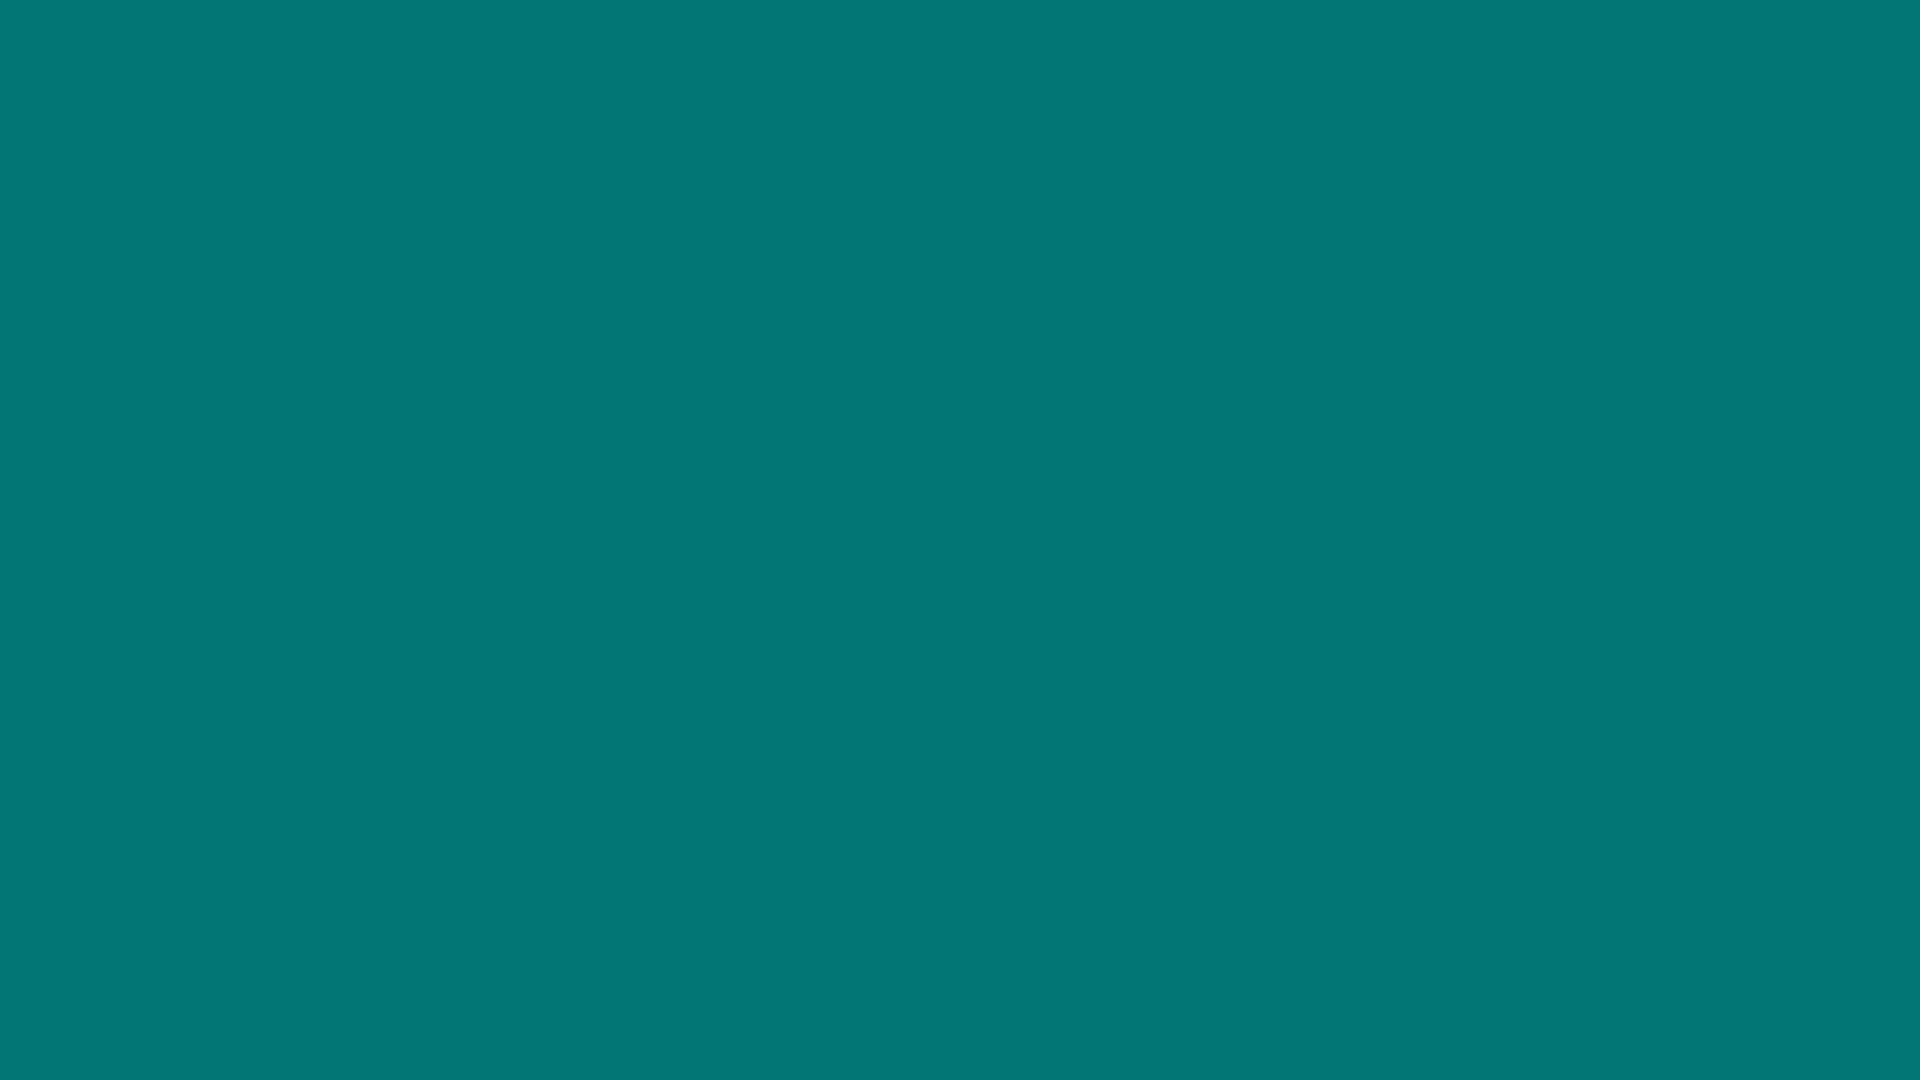 [공고] 서울대학교 아시아연구소 자료원 직원 채용 공고